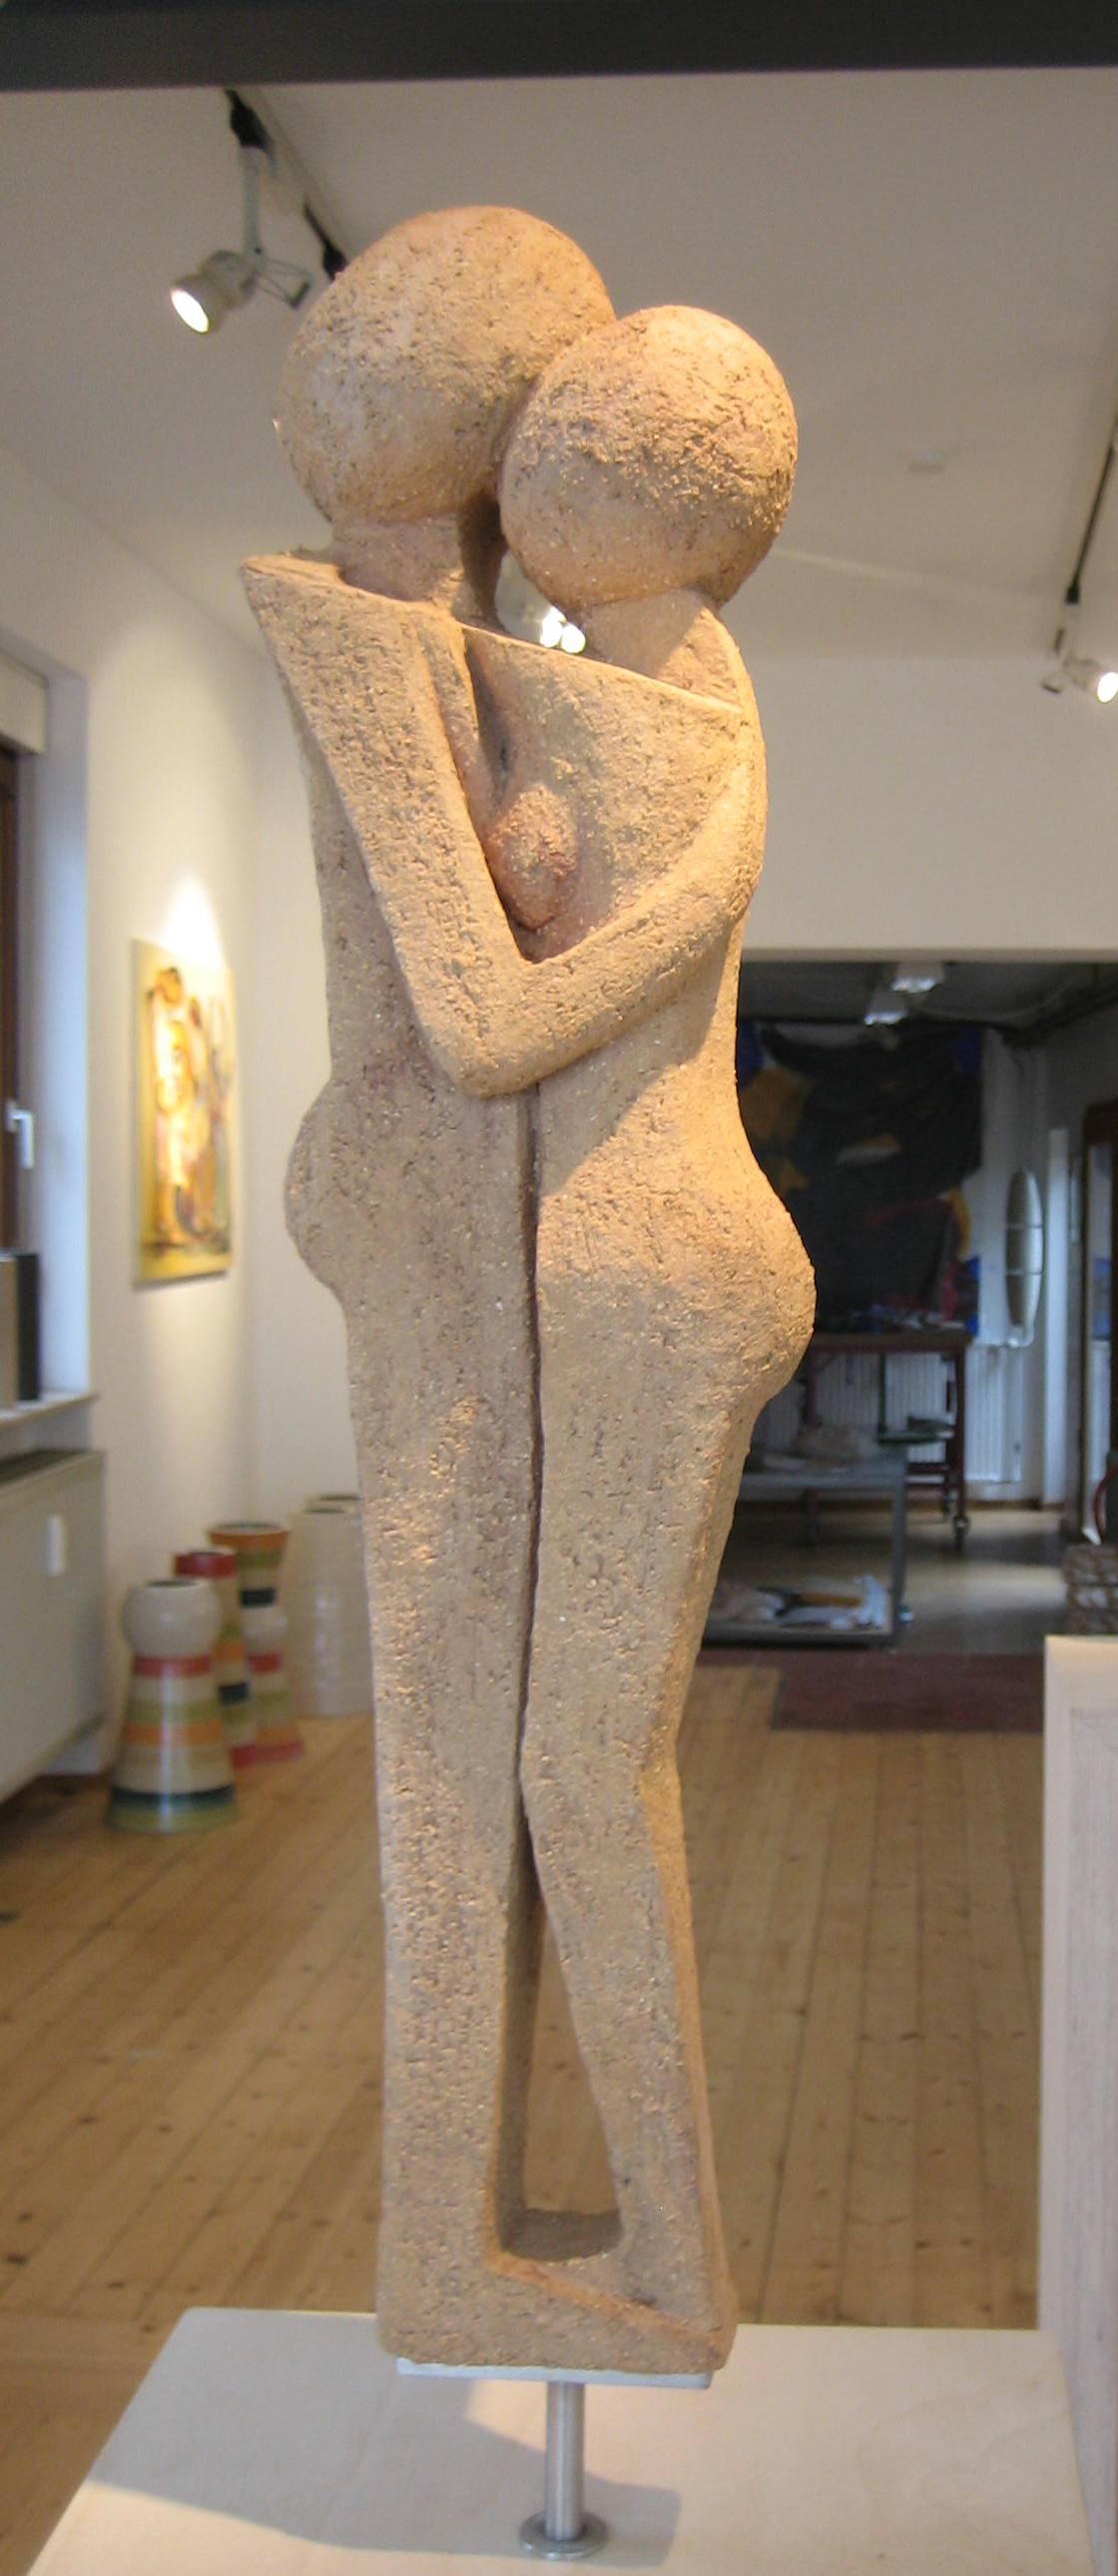 Der Kuß, 2008, ca. 60cm (Seitenansicht)